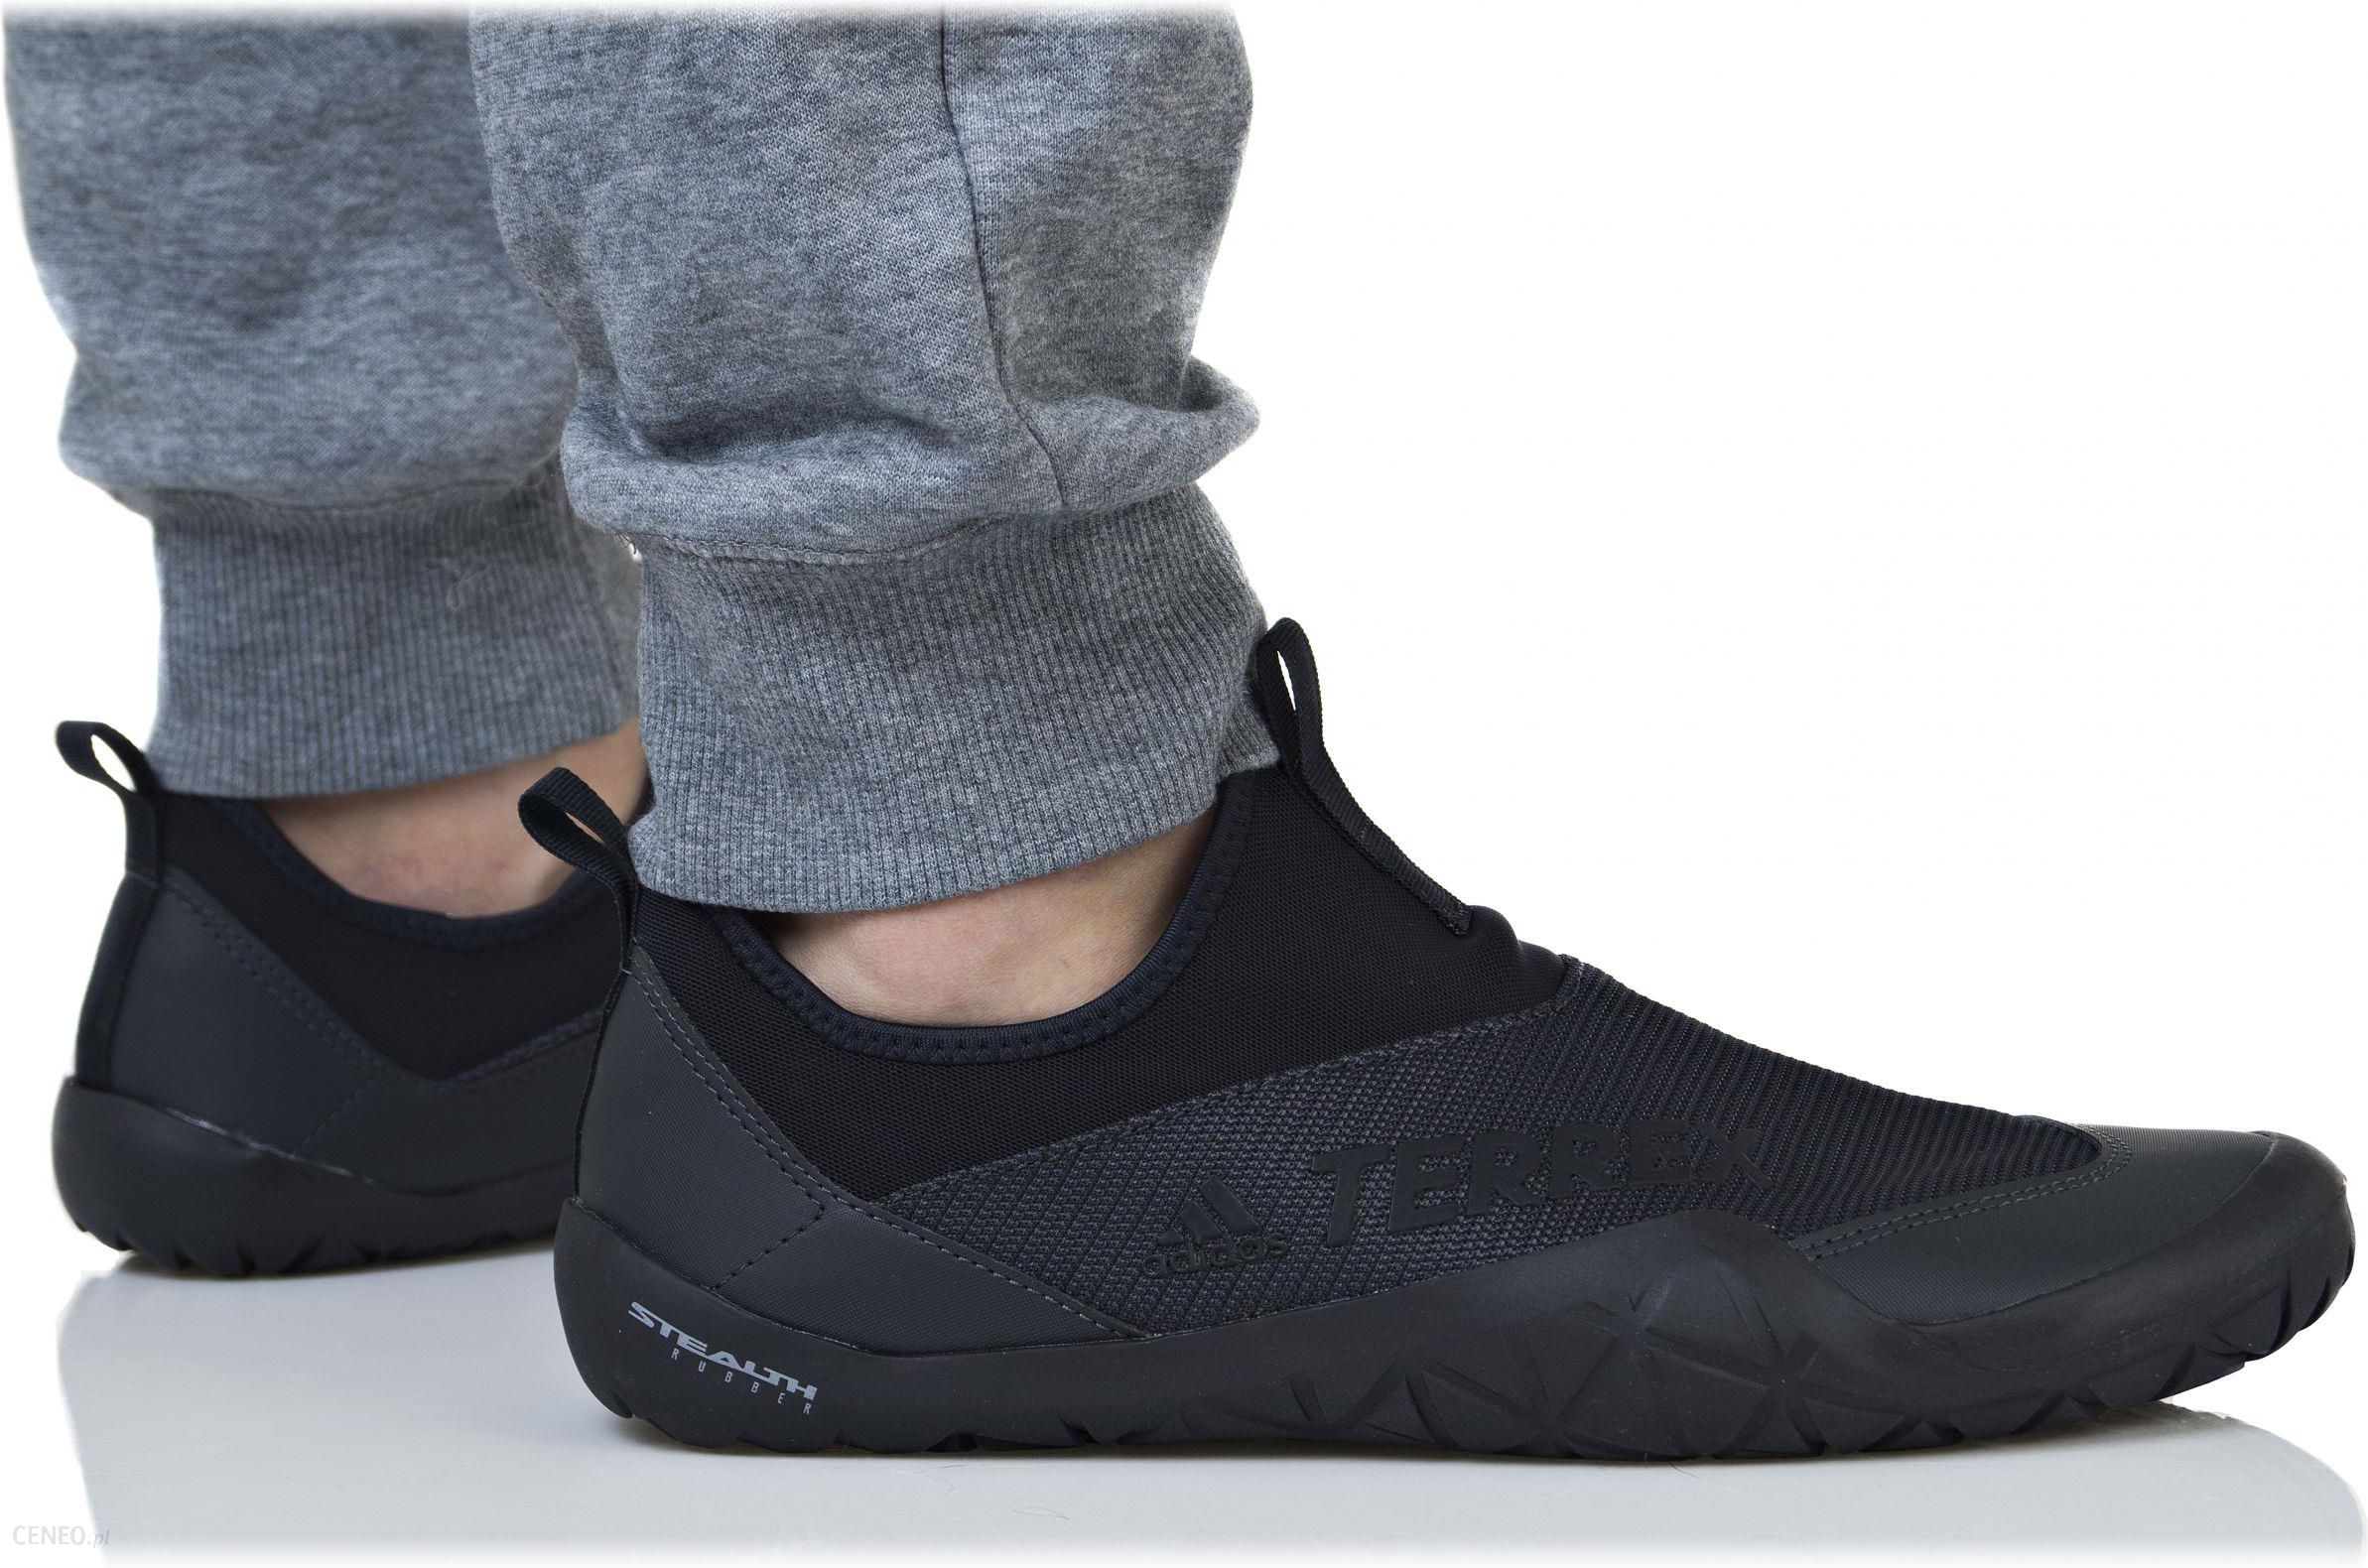 46 Buty Męskie Adidas Jawpaw CM7531 Do Wody Czarne Ceny i opinie Ceneo.pl